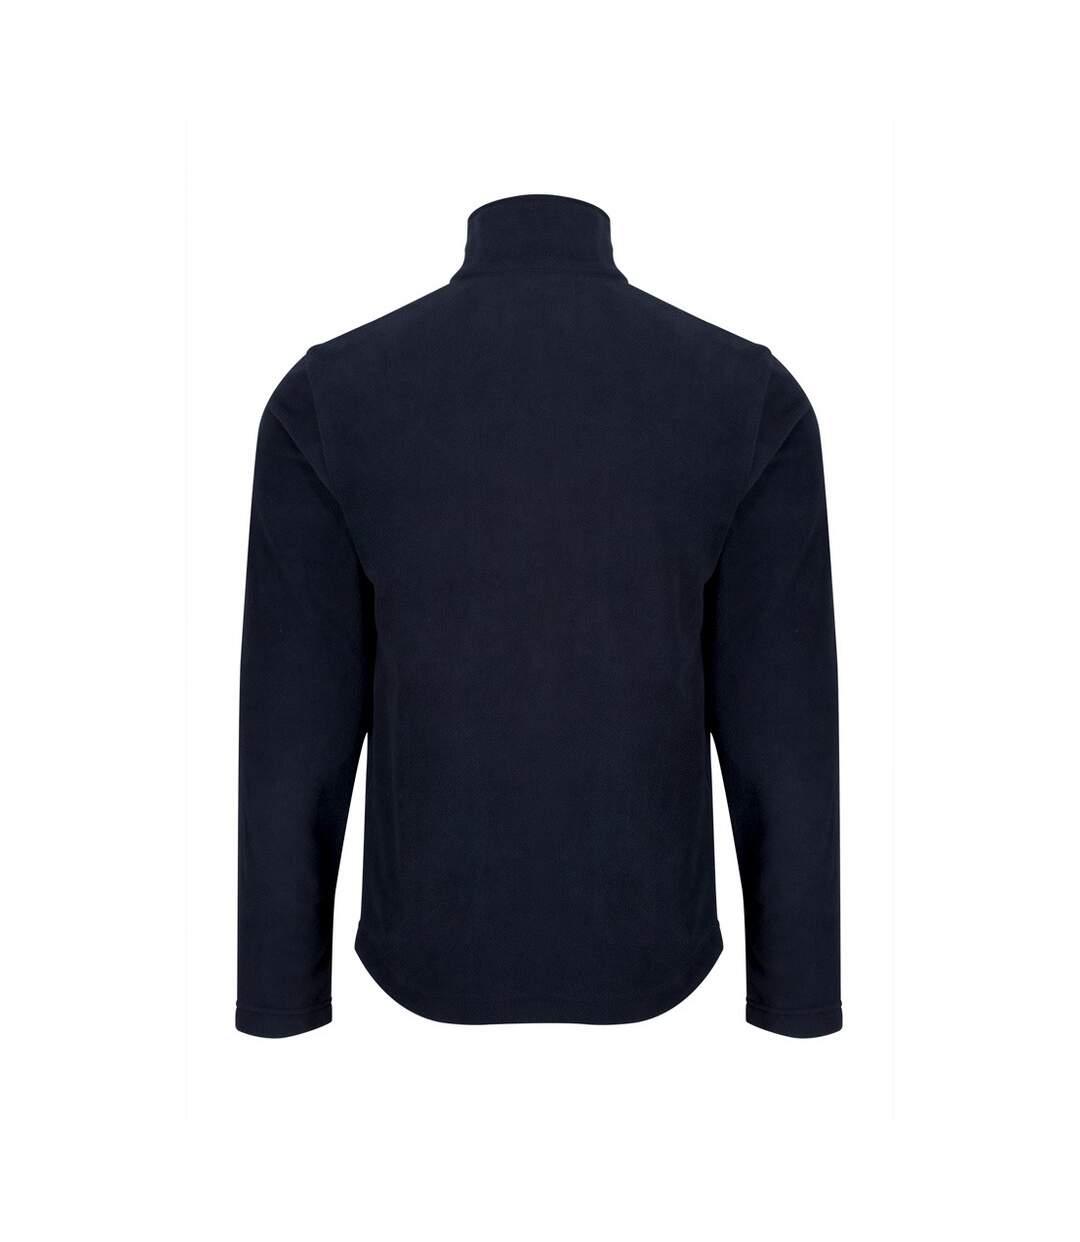 Regatta Mens Honestly Made Recycled Fleece Jacket (Navy) - UTPC4048